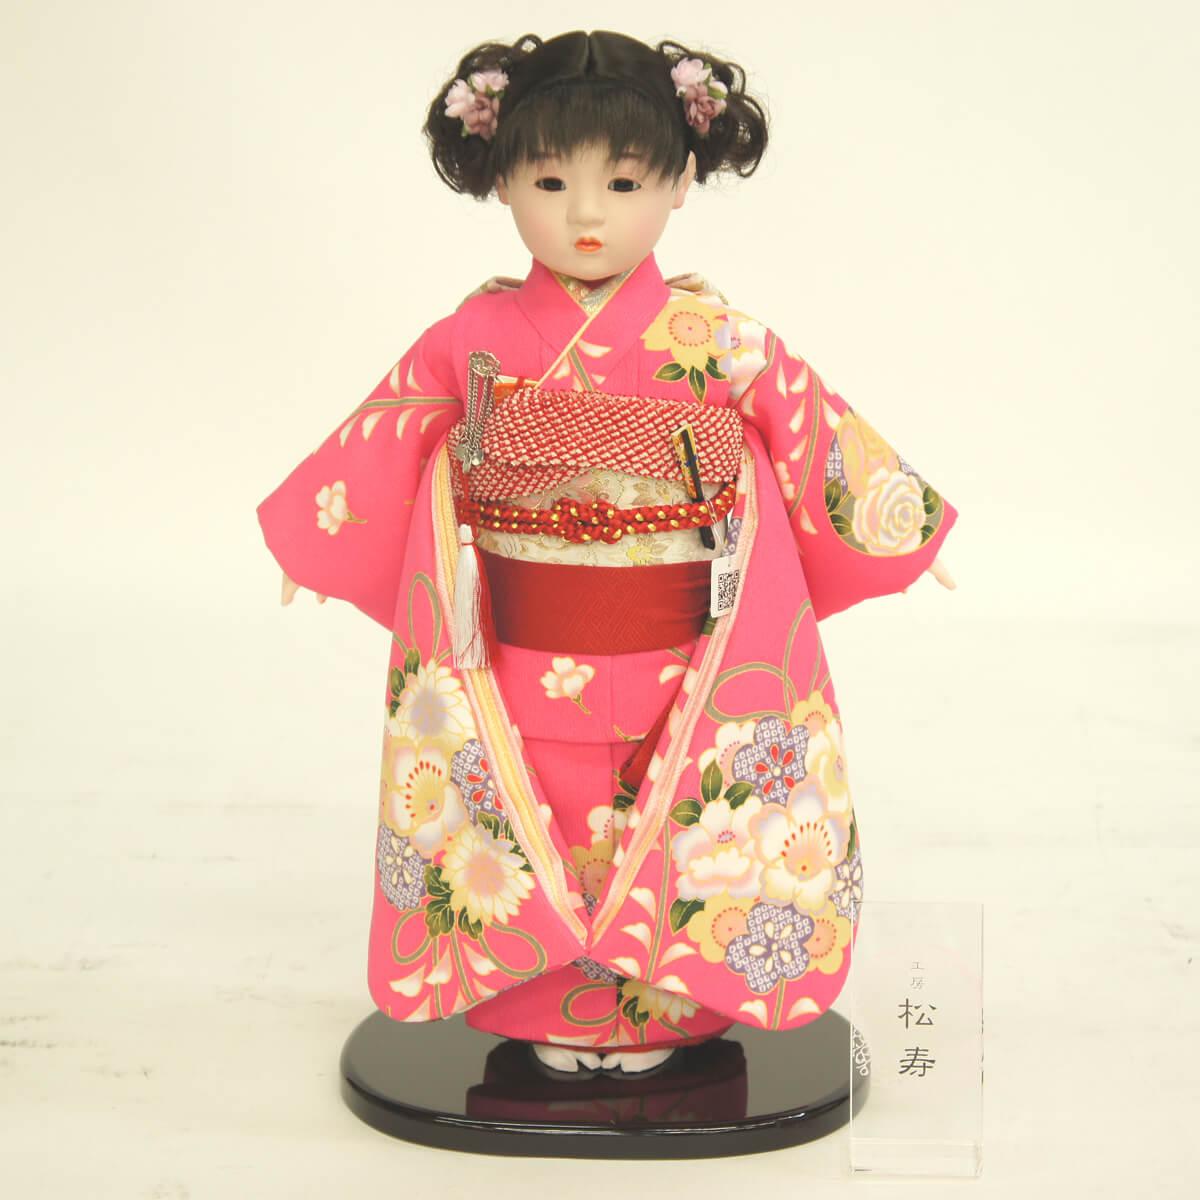 雛人形 松寿 市松人形 松寿作 市松人形 市松 ICMY-BA26012-41Gひな人形 かわいい おしゃれ インテリア